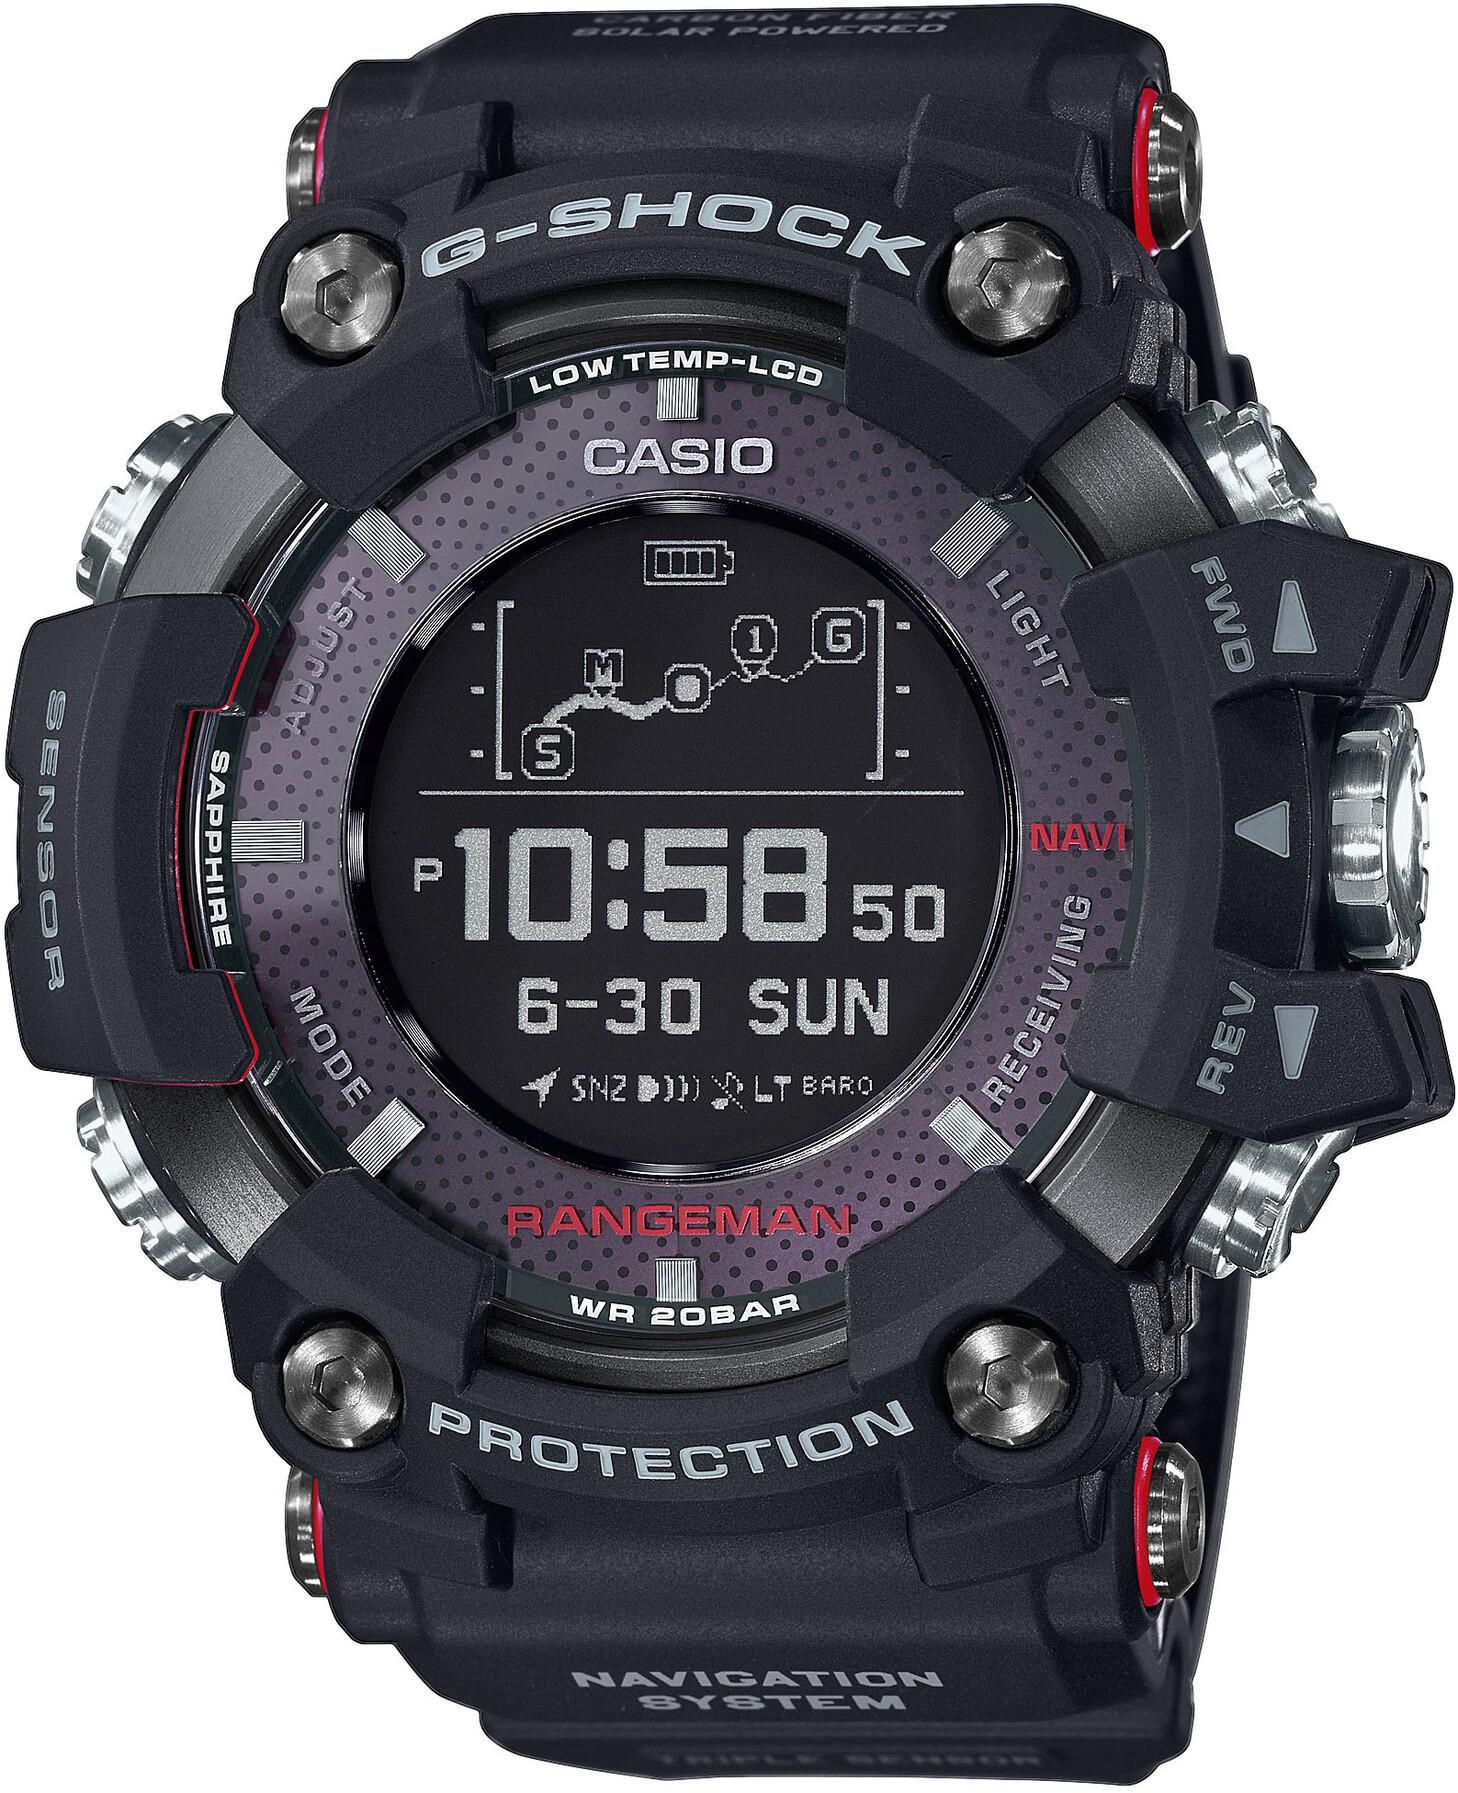 CASIO G-SHOCK GPR-B1000-1ER Ur Herrer, black/black/black (2019)   Sports watches